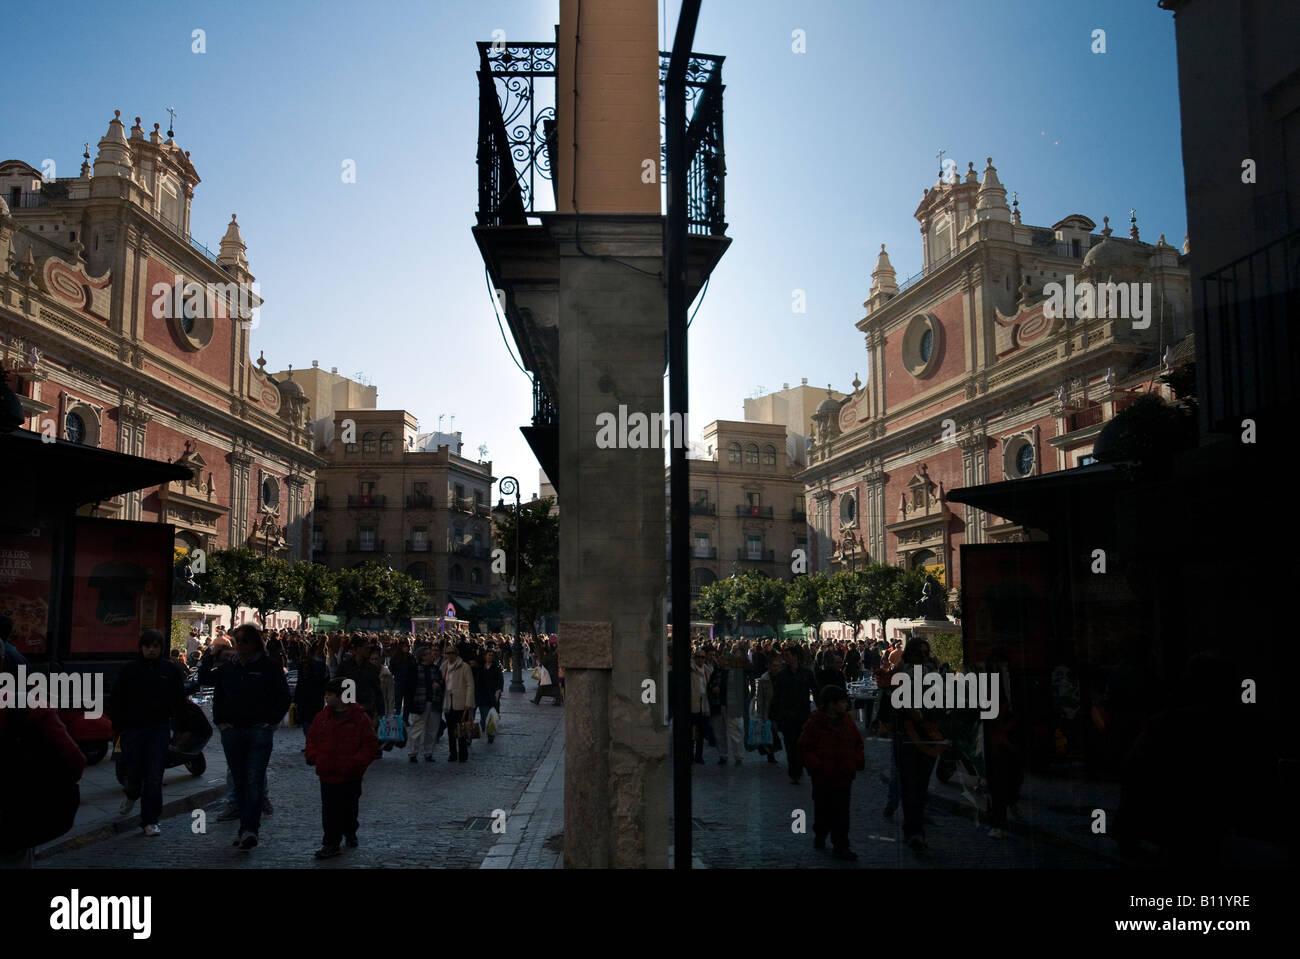 Iglesia de El Salvador reflejada en un escaparate, de Sevilla, España. Imagen De Stock